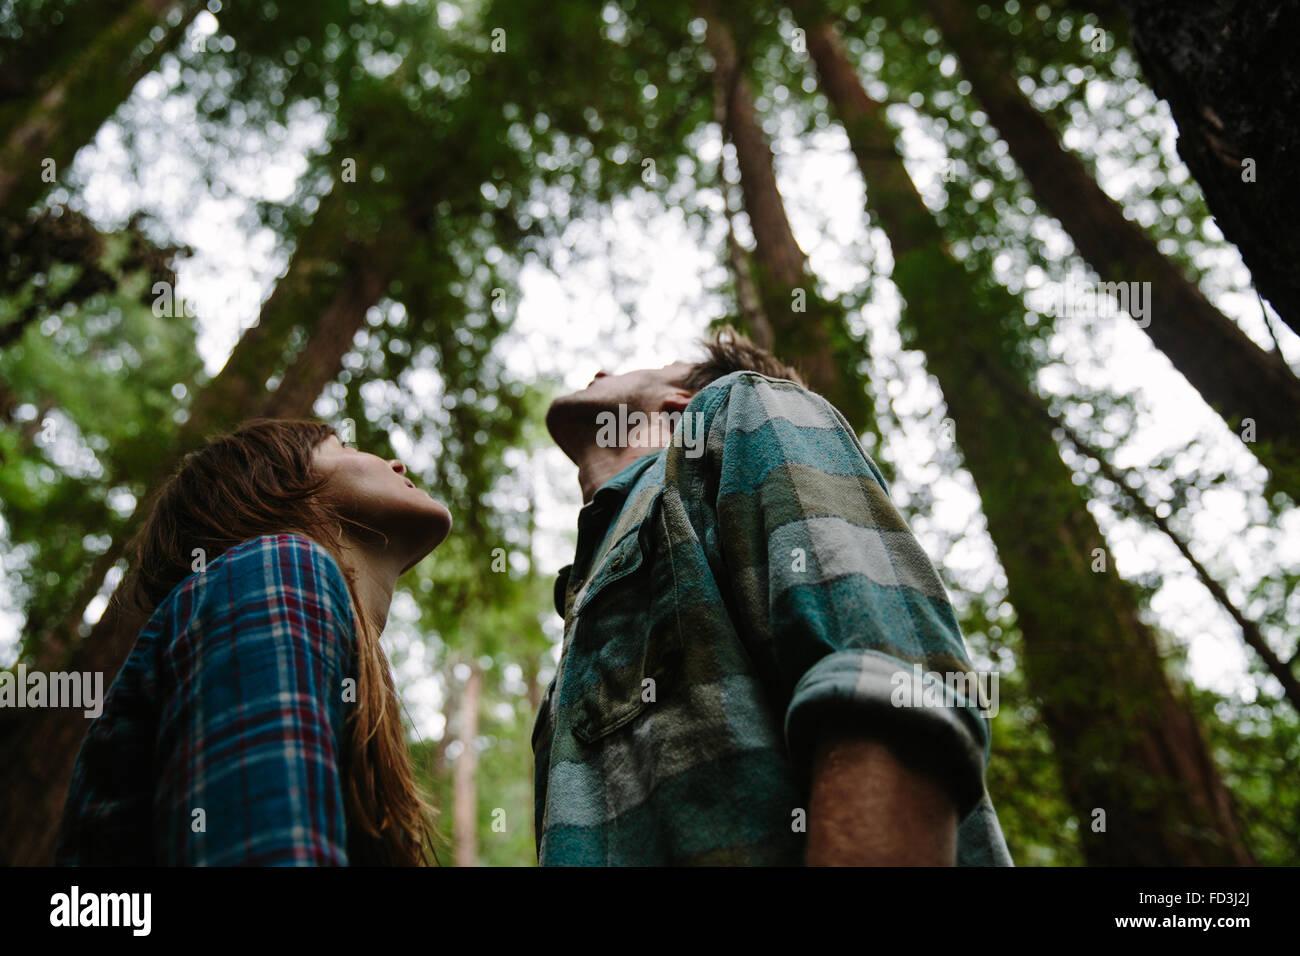 Coppia giovane guardano verso le cime dei torreggianti alberi di sequoia. Big Sur, California. Immagini Stock